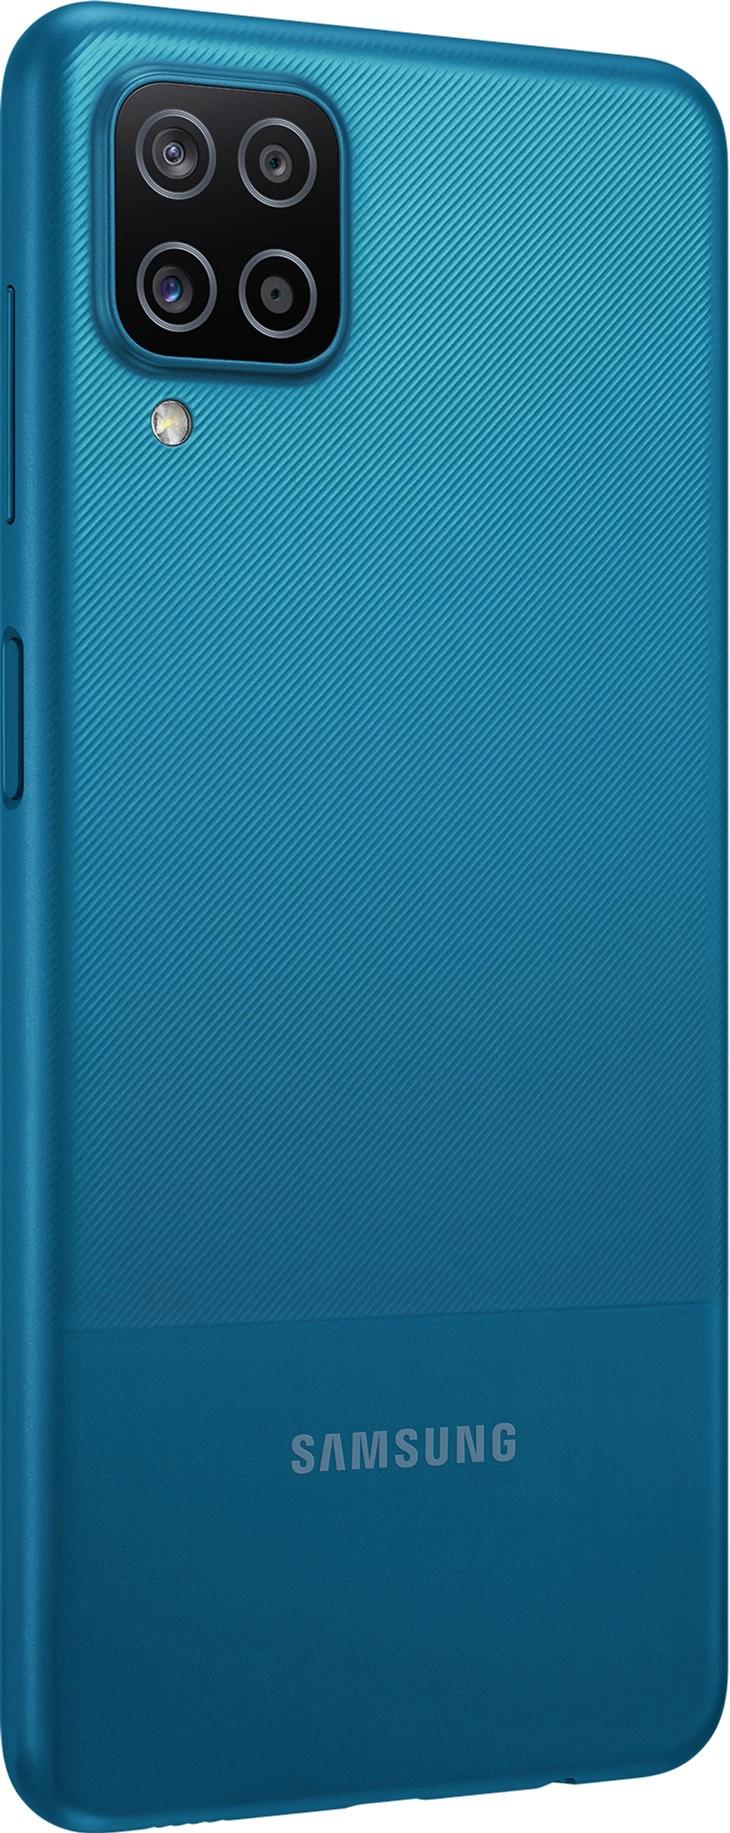 Samsung Galaxy A12 (SM-A125) 64GB BLUE - 4